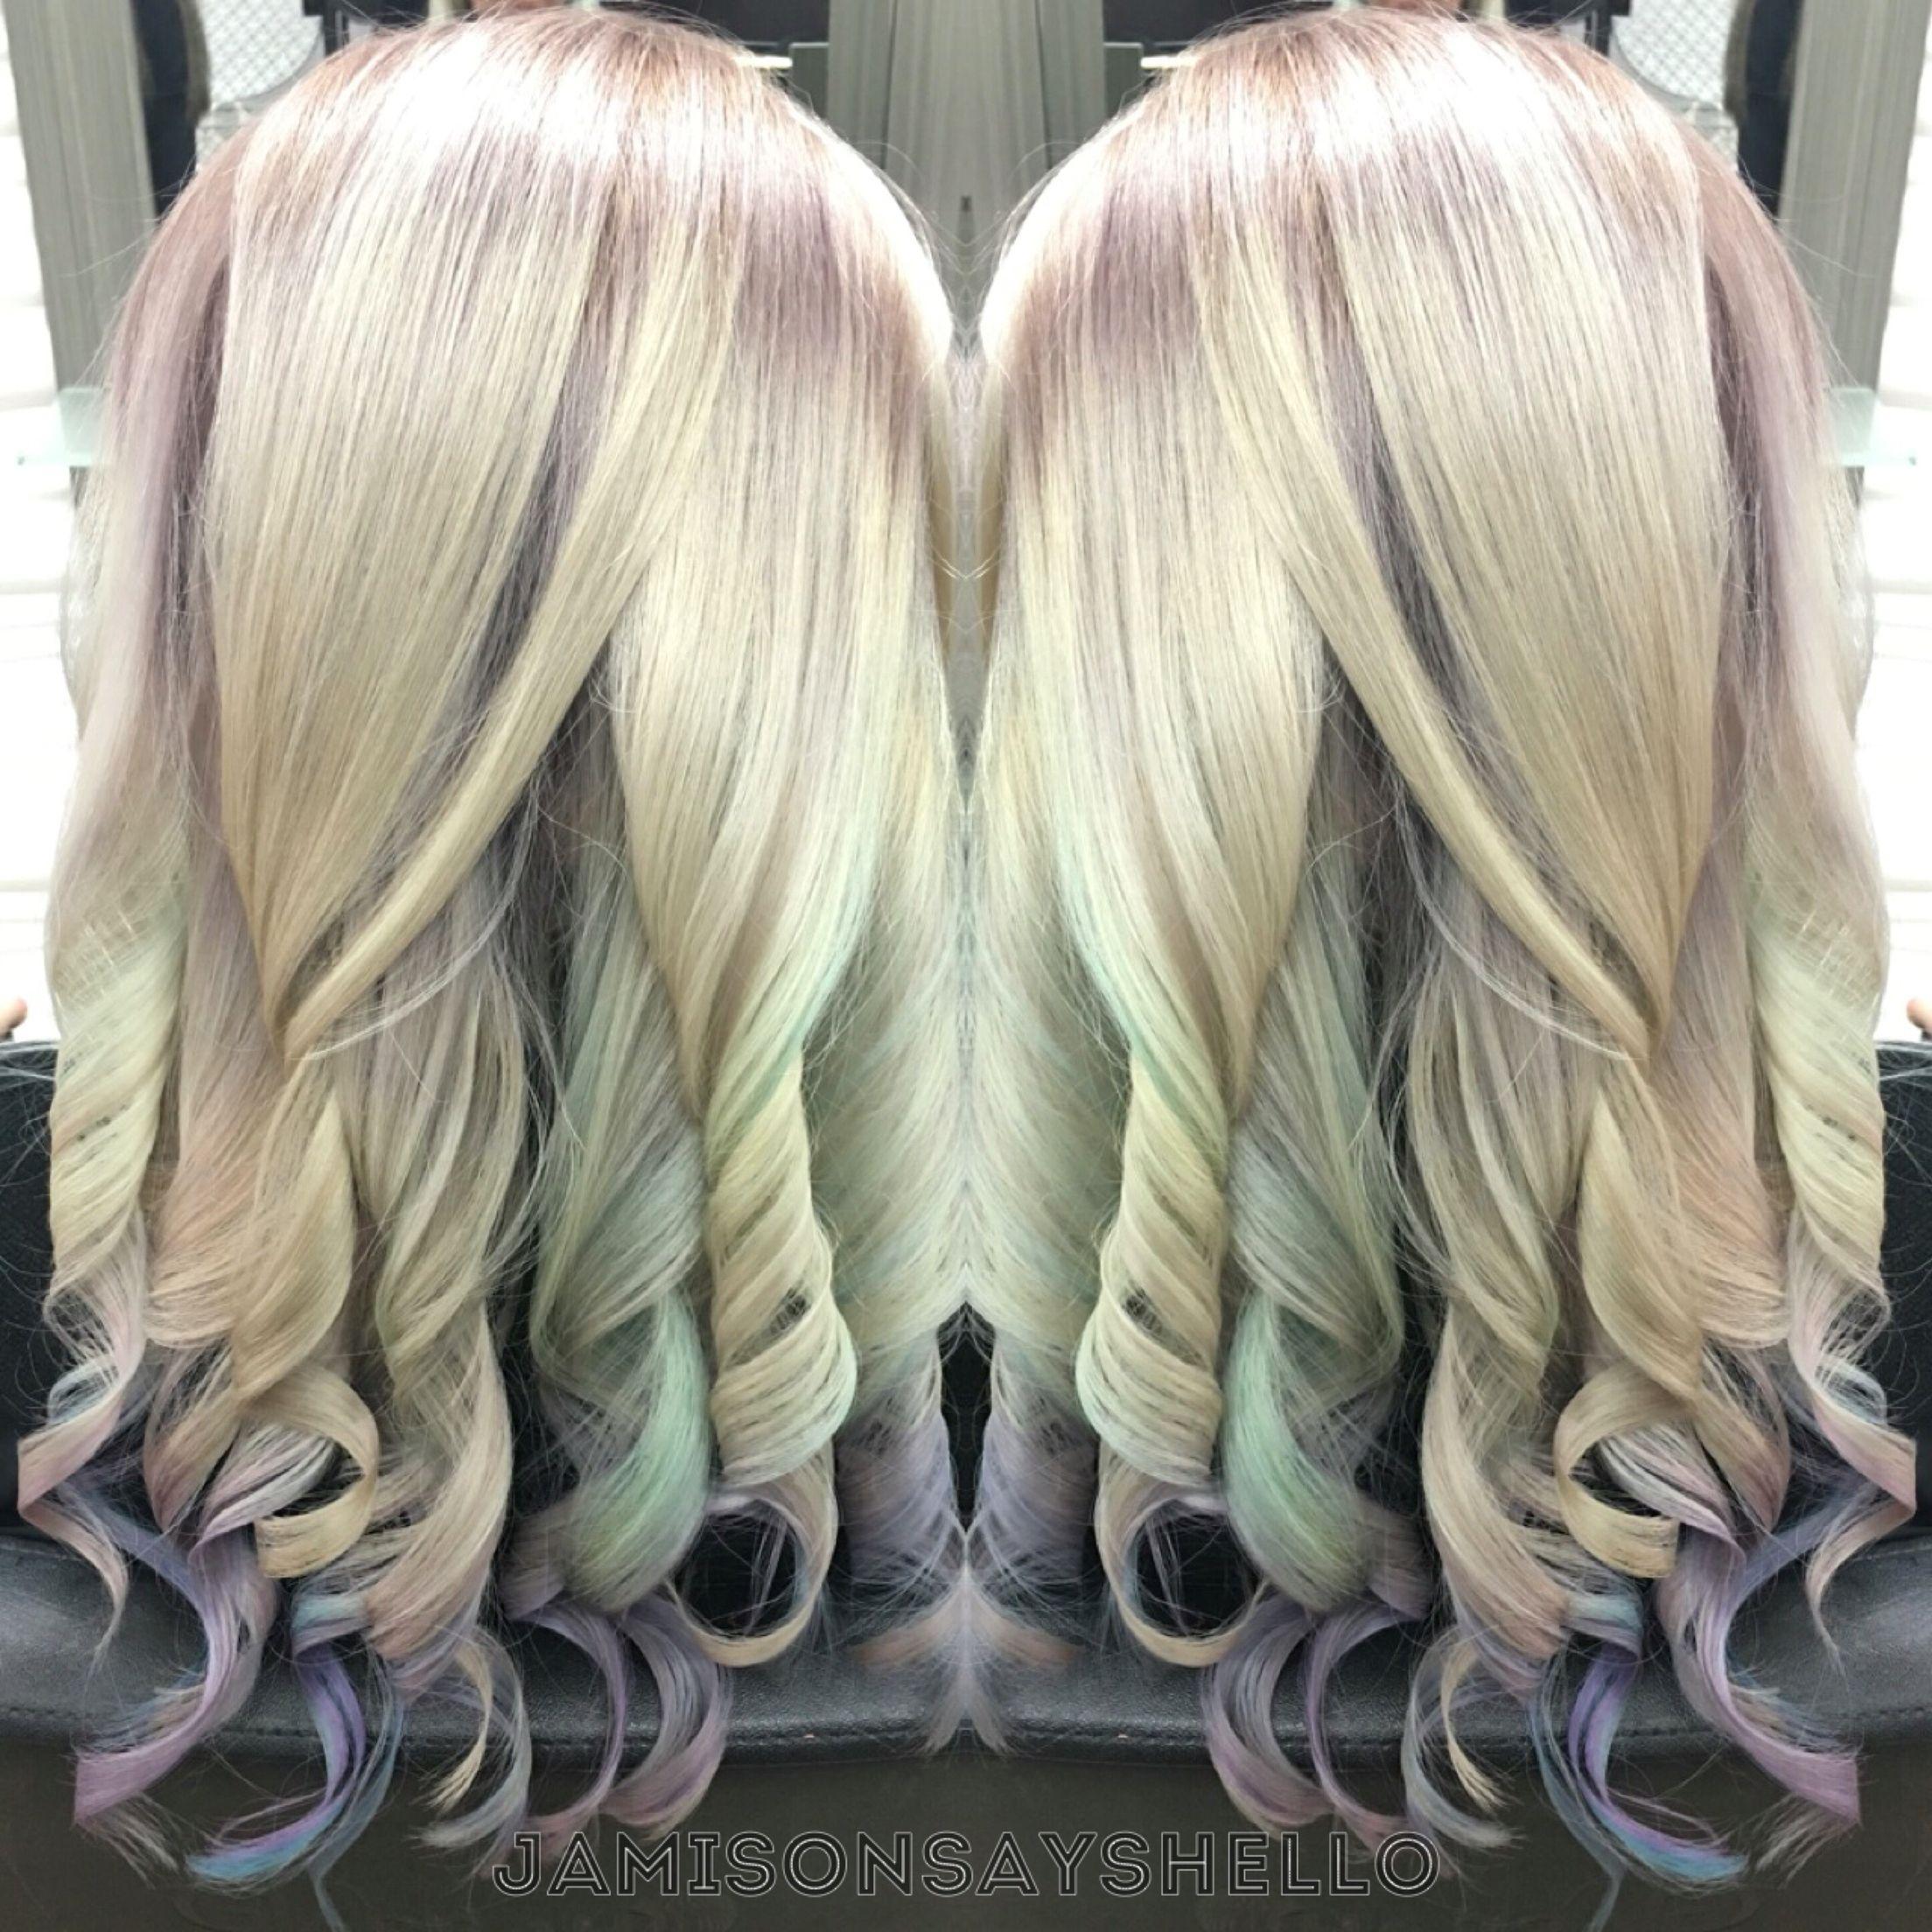 Pastel mermaid unicorn fantasy hair by jamie ramirez with dusty